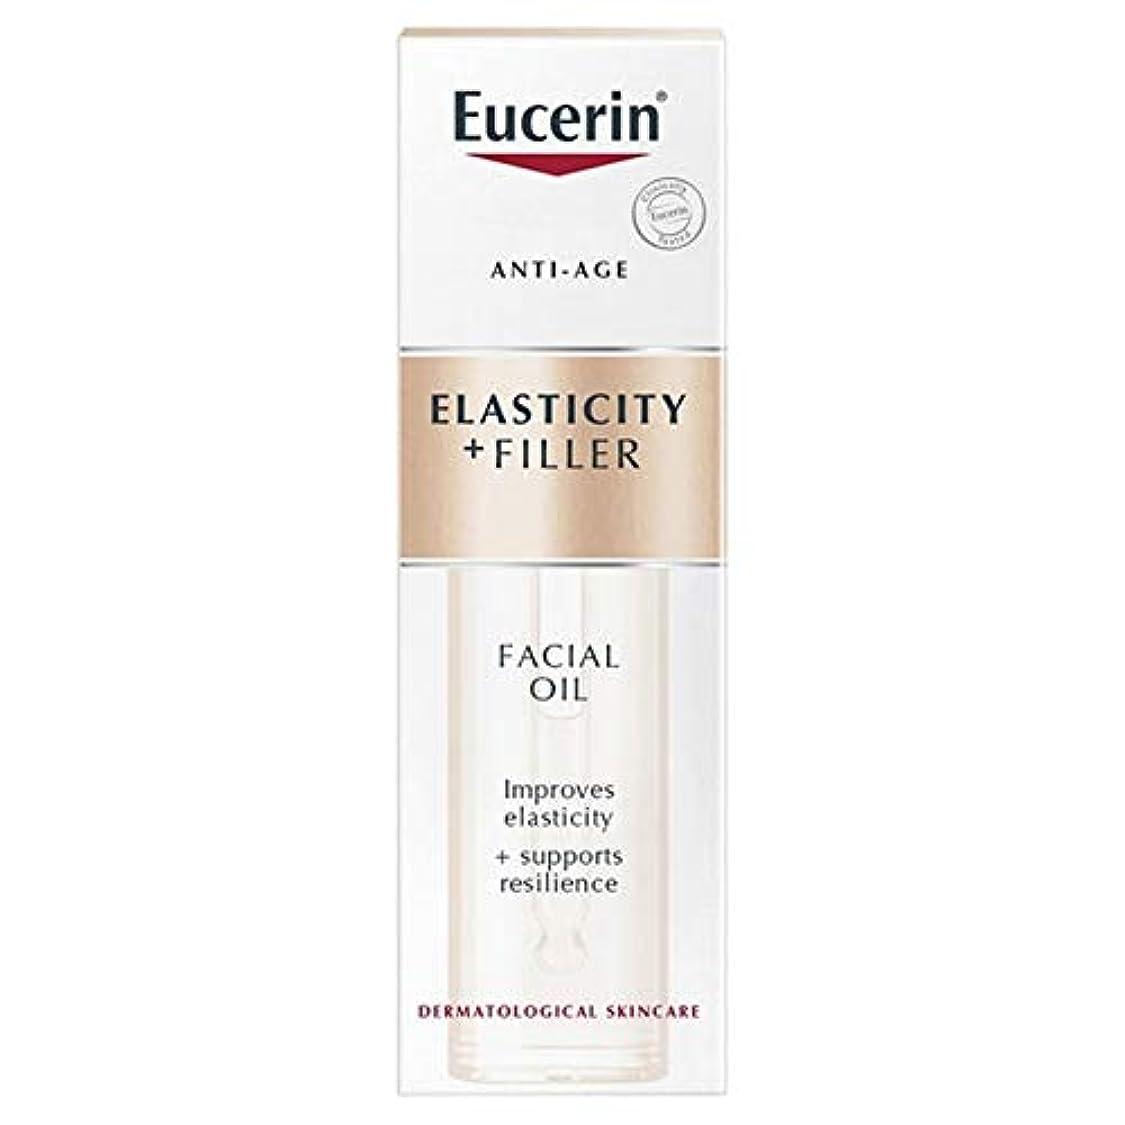 脳トラブルアルネ[Eucerin ] ユーセリン抗年齢の弾力+フィラーフェイシャルオイル30ミリリットル - Eucerin Anti-Age Elasticity + Filler Facial Oil 30ml [並行輸入品]